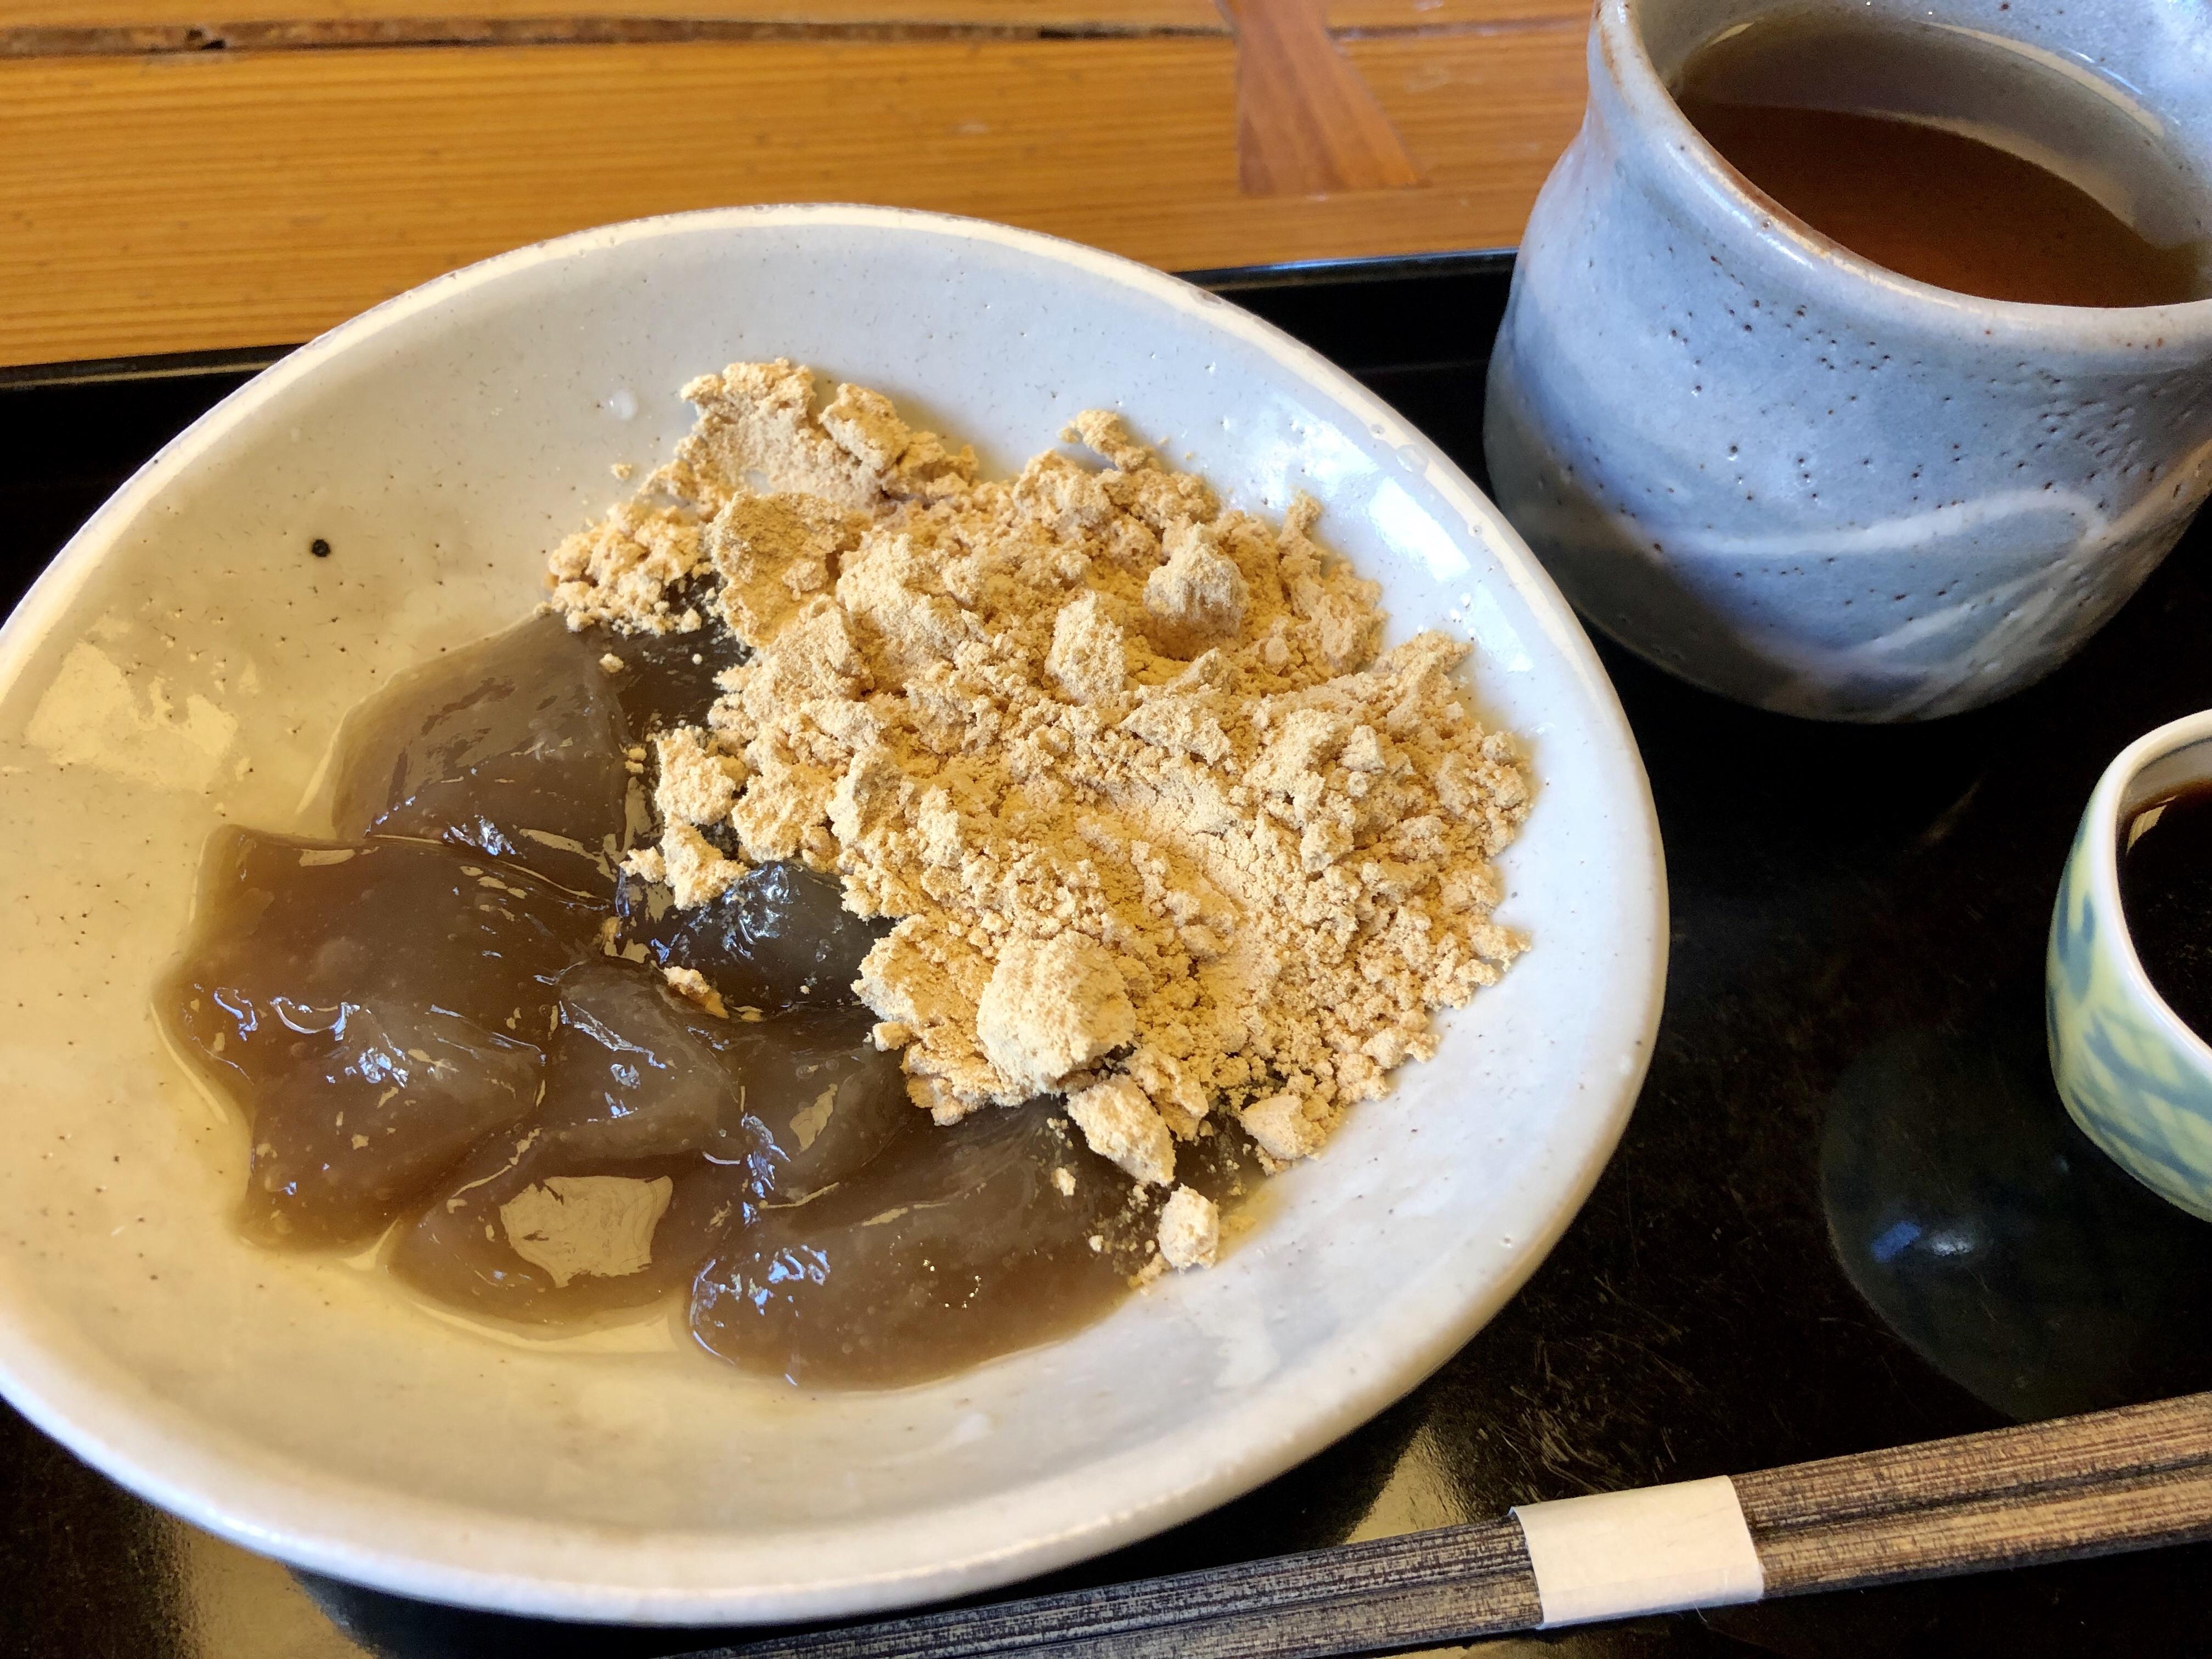 金沢の和カフェのつぼみのわらびもち